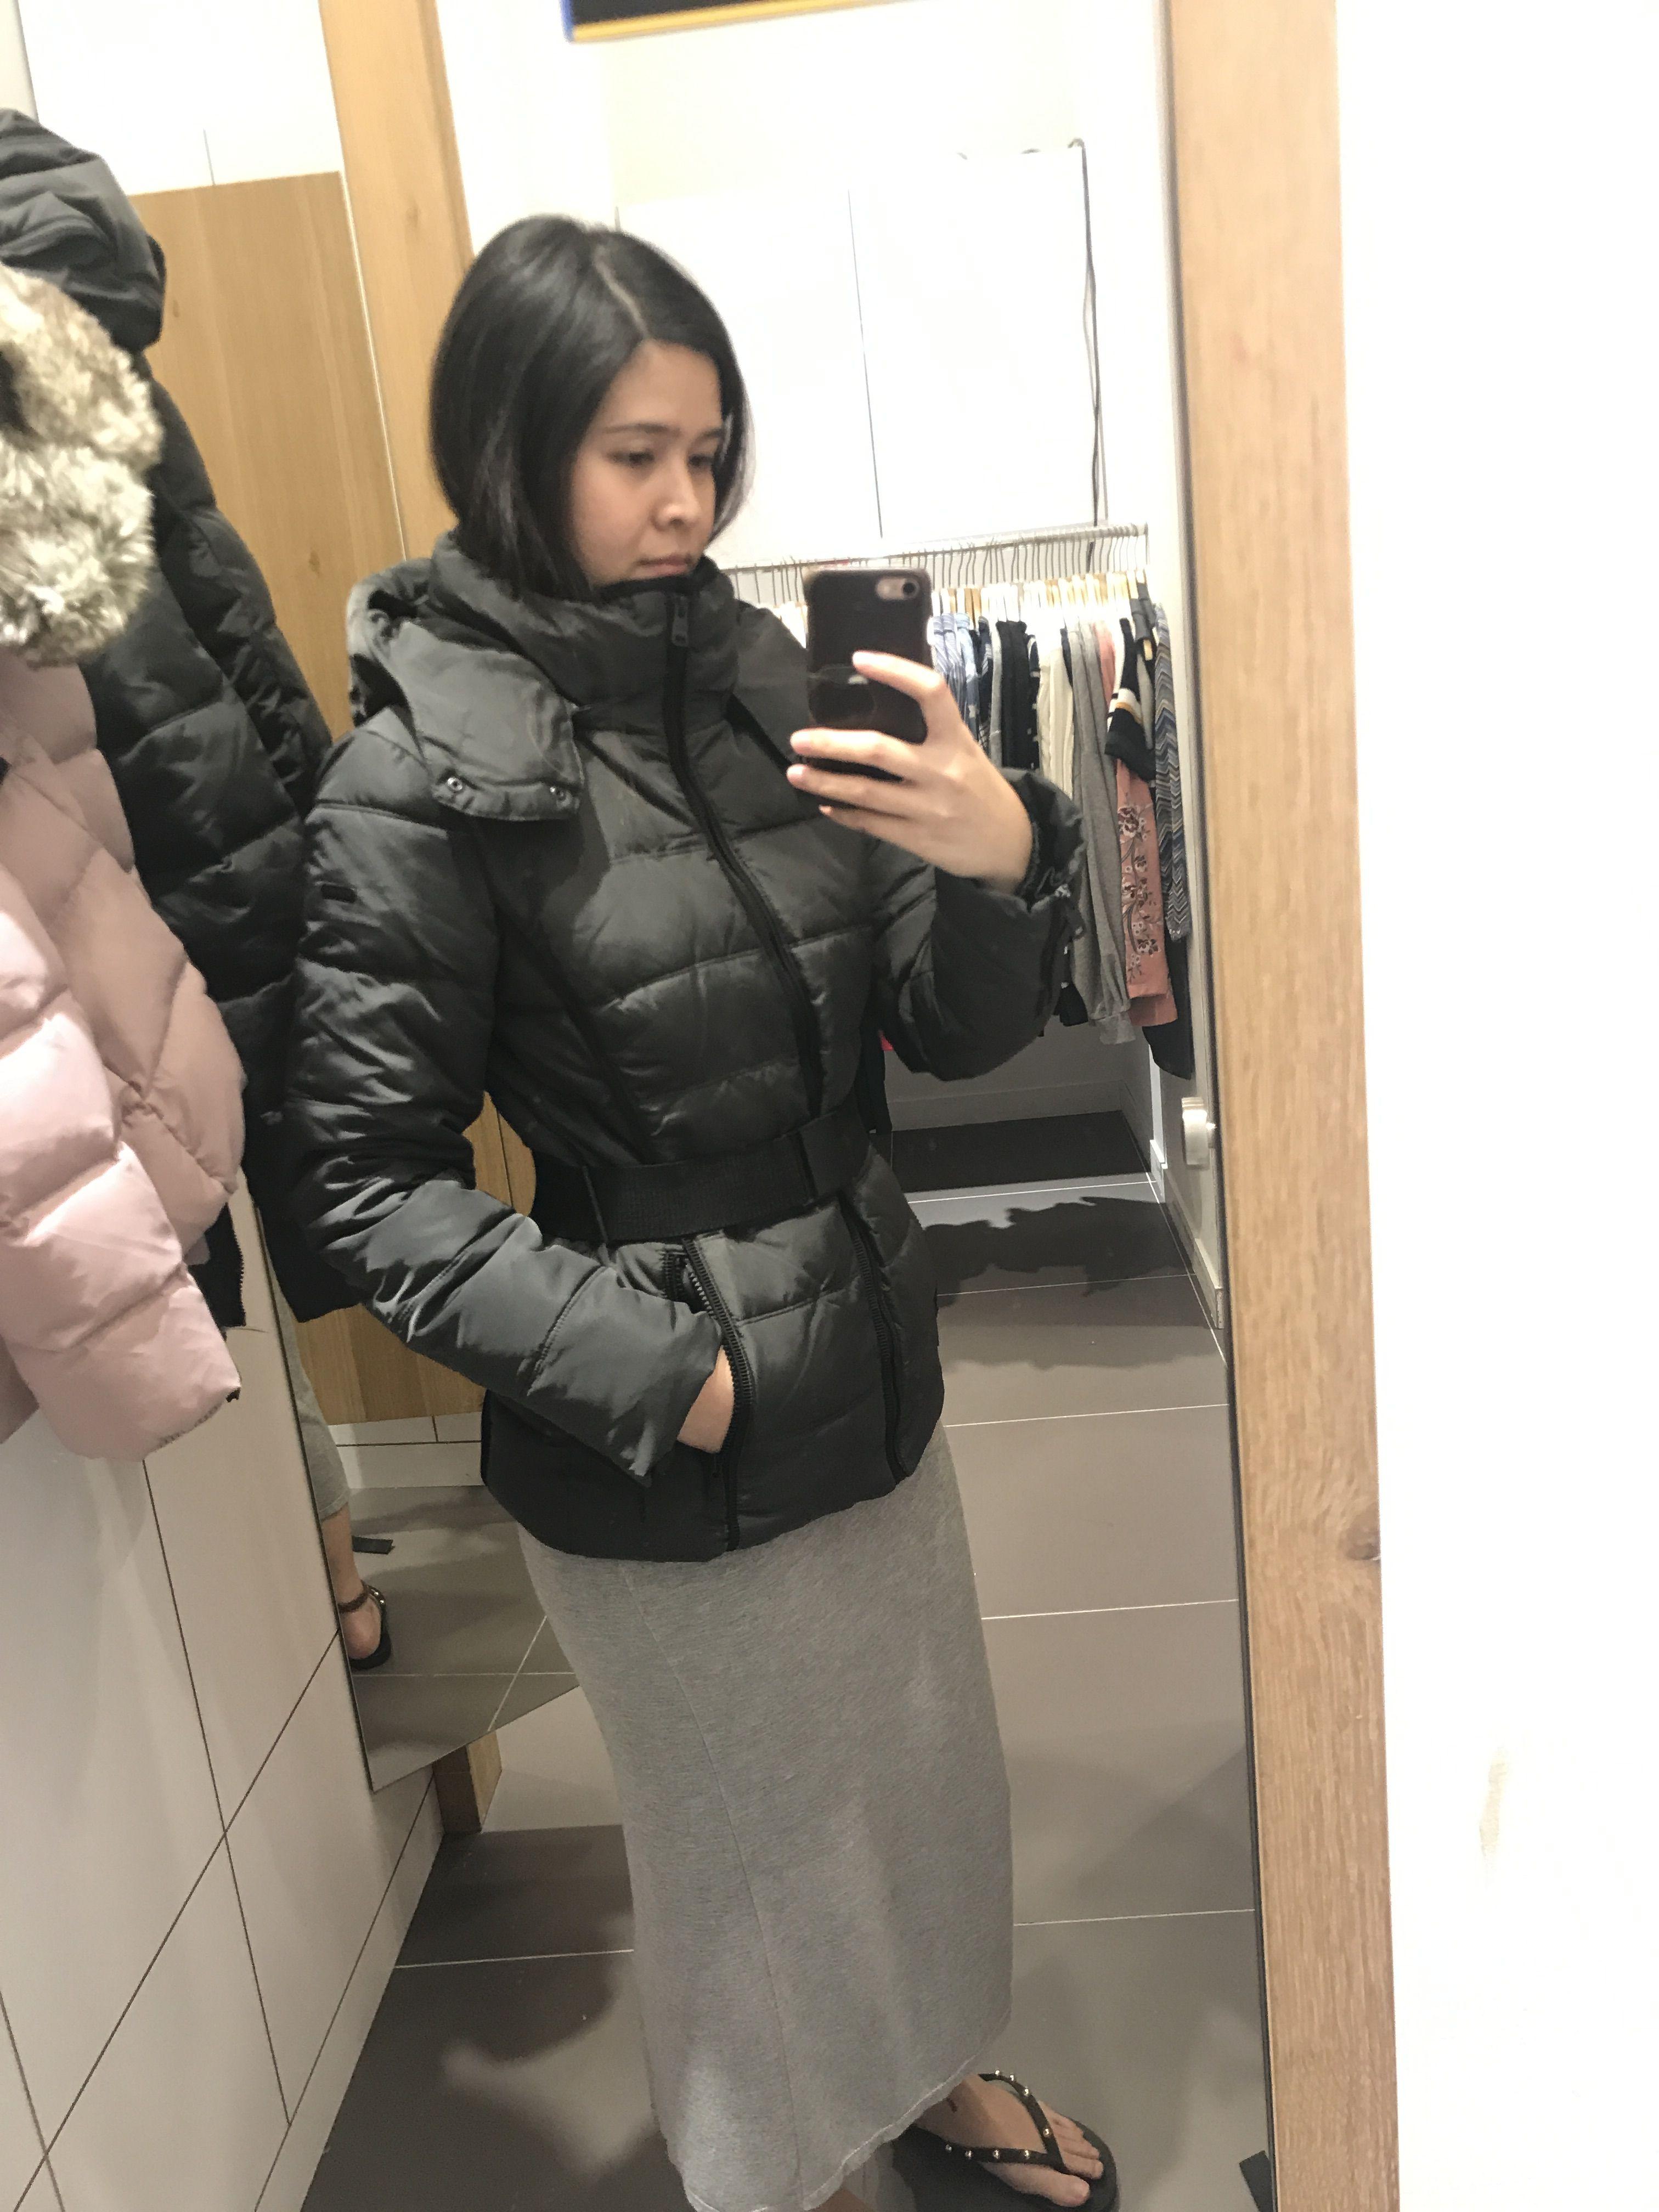 Esprit Belted Winter Jacket Esprit Fashion Ootd Winter Winter Jackets Fashion Jackets [ 4032 x 3024 Pixel ]